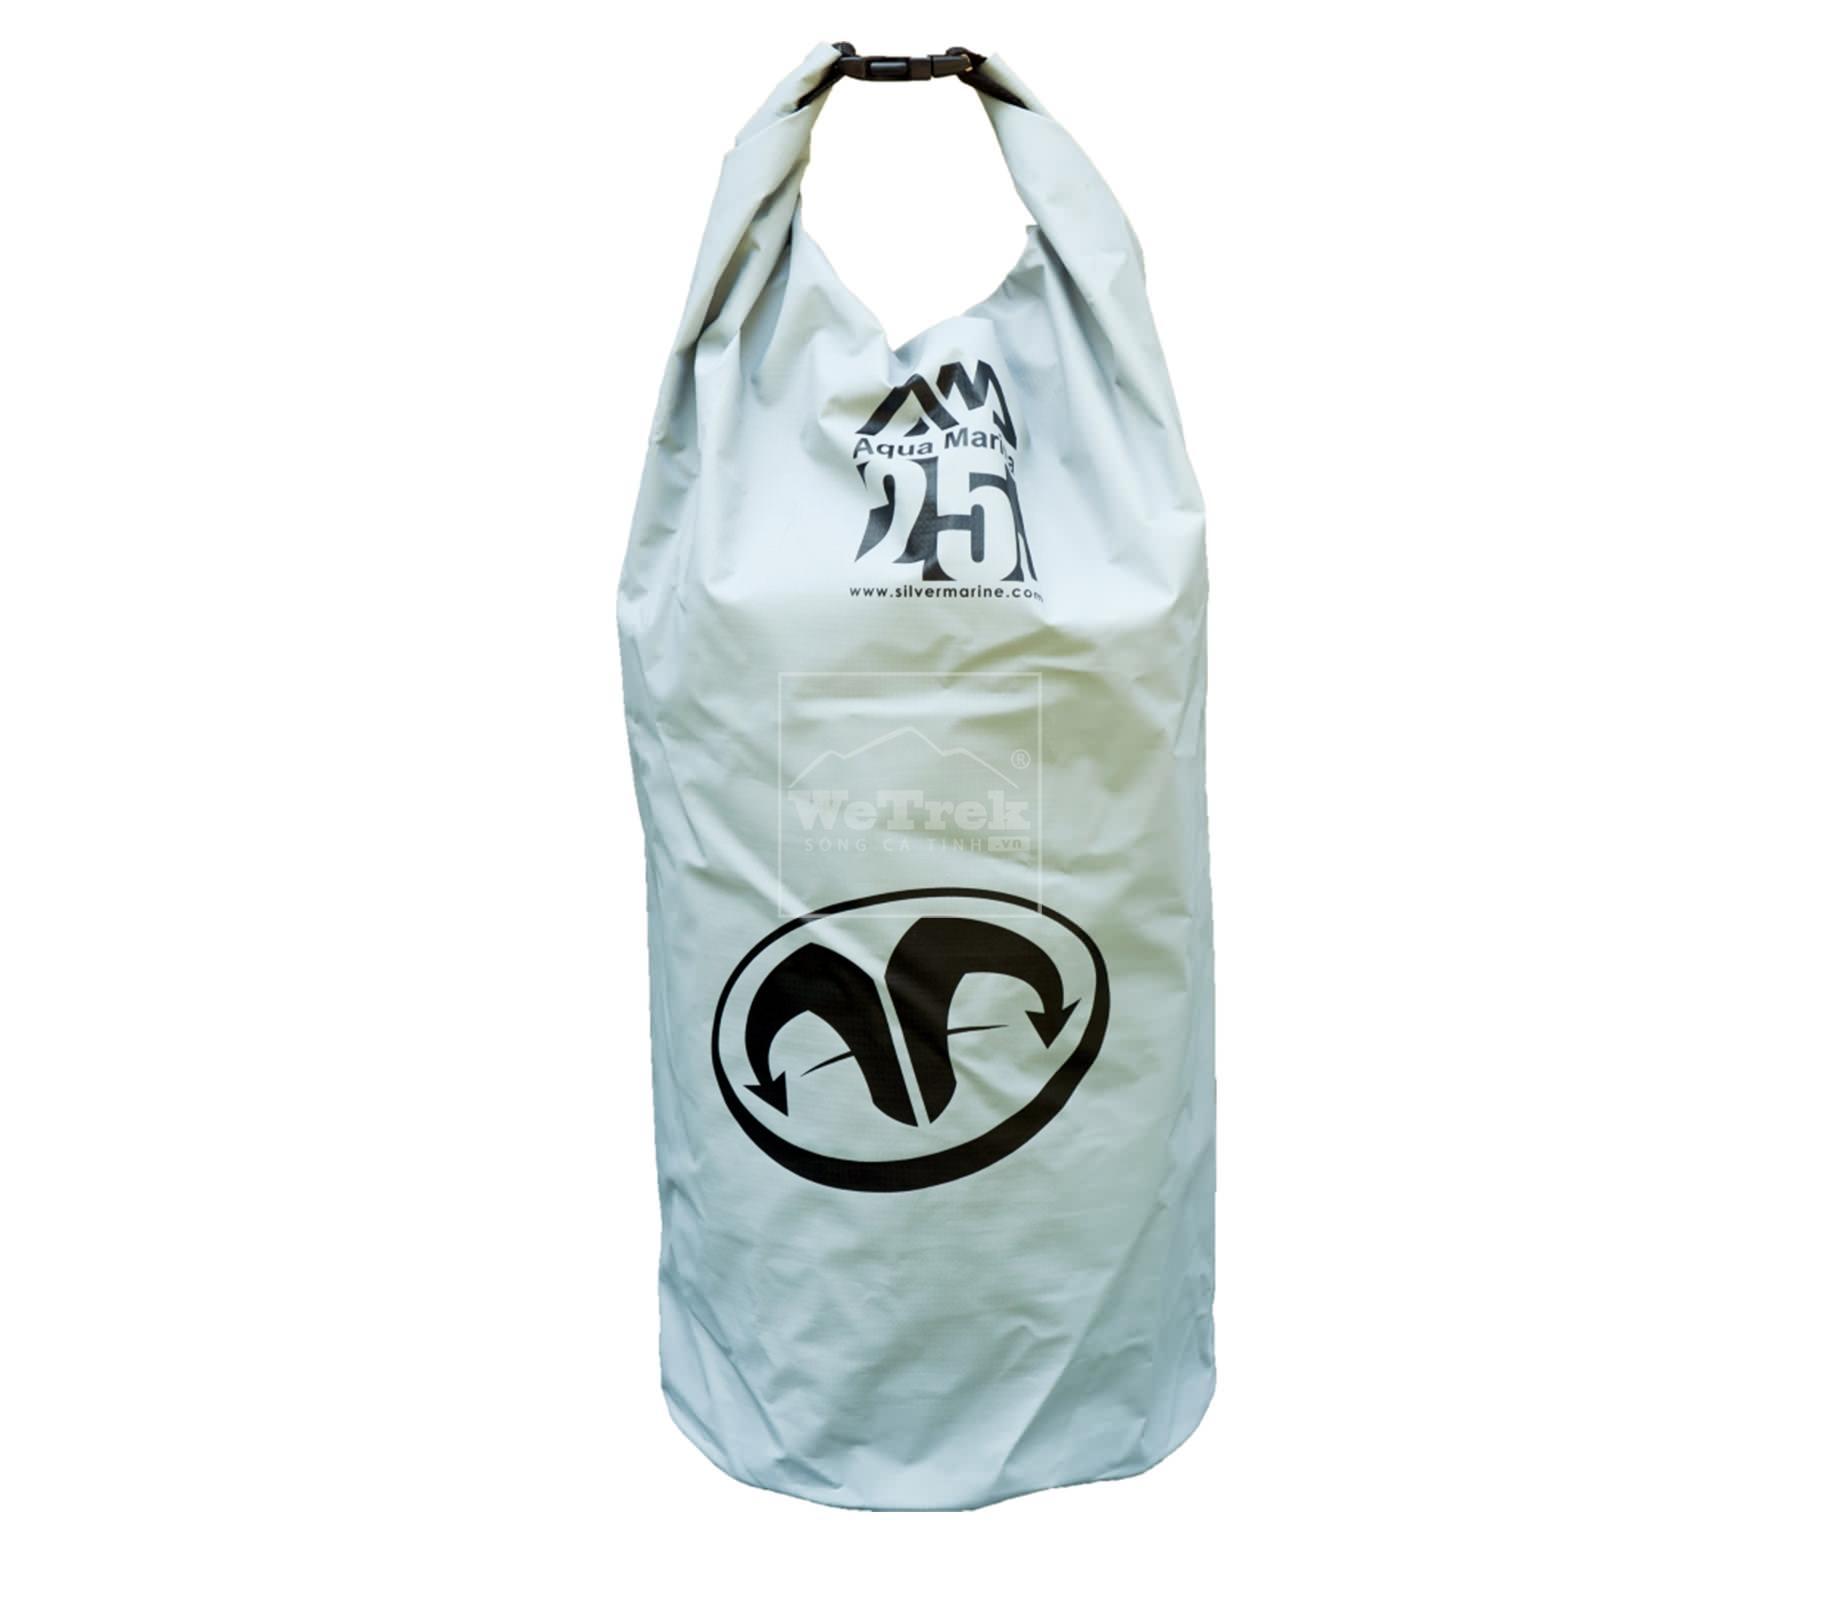 tui-kho-aqua-marina-super-easy-dry-bag-25l-wetrek.vn-1